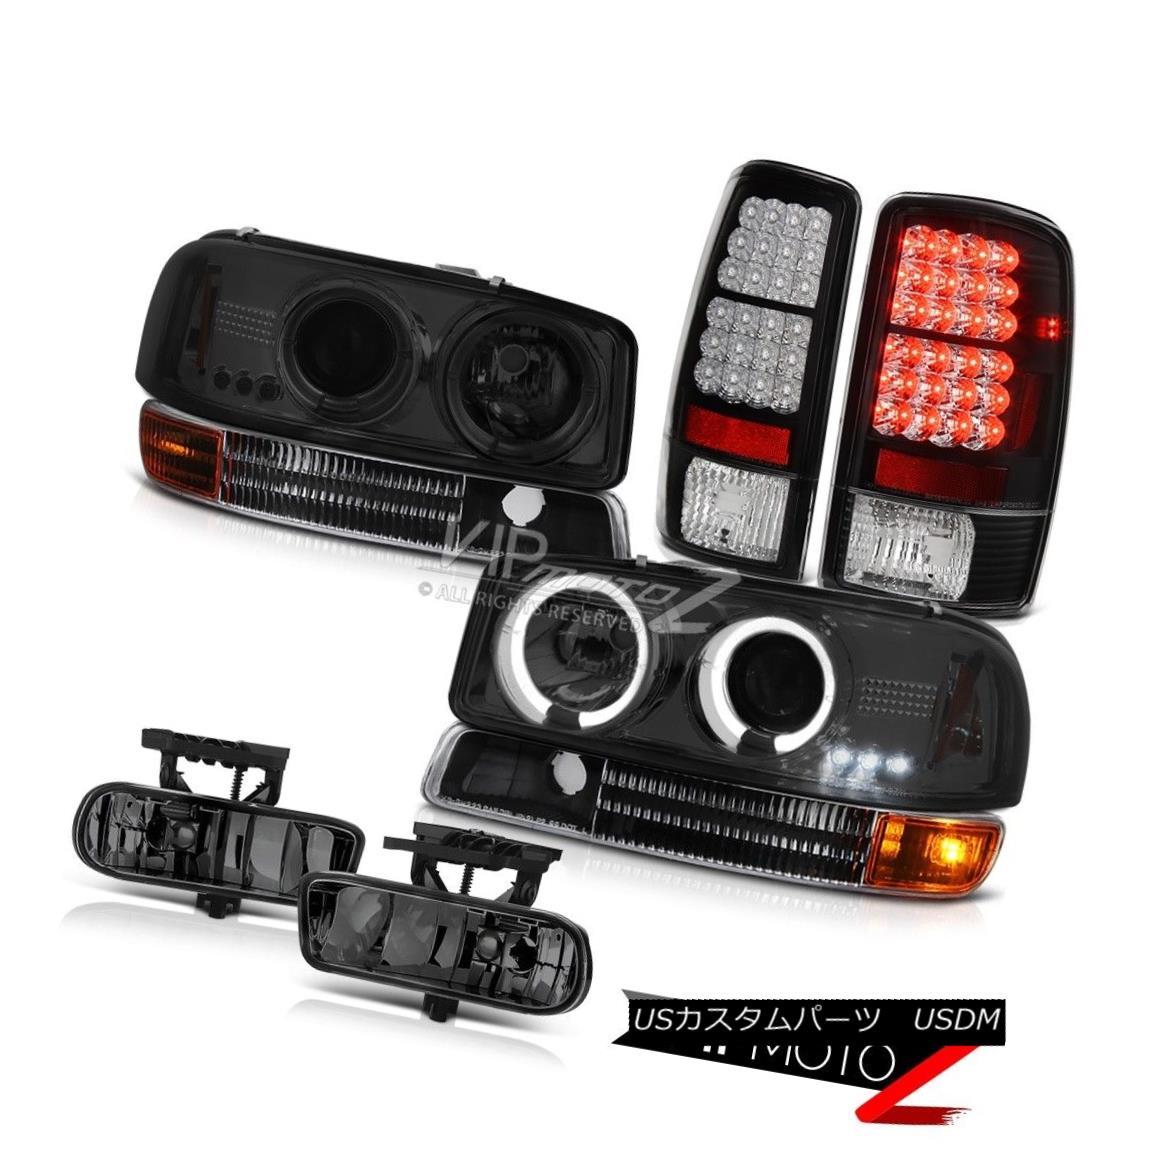 ヘッドライト 00-06 Yukon XL GMT800 Headlamps Angel Eye Halo Signal Brake Tail Lights FogLamps 00-06ユーコンXL GMT800ヘッドランプエンジェルアイハロー信号ブレーキテールライトフォグランプ